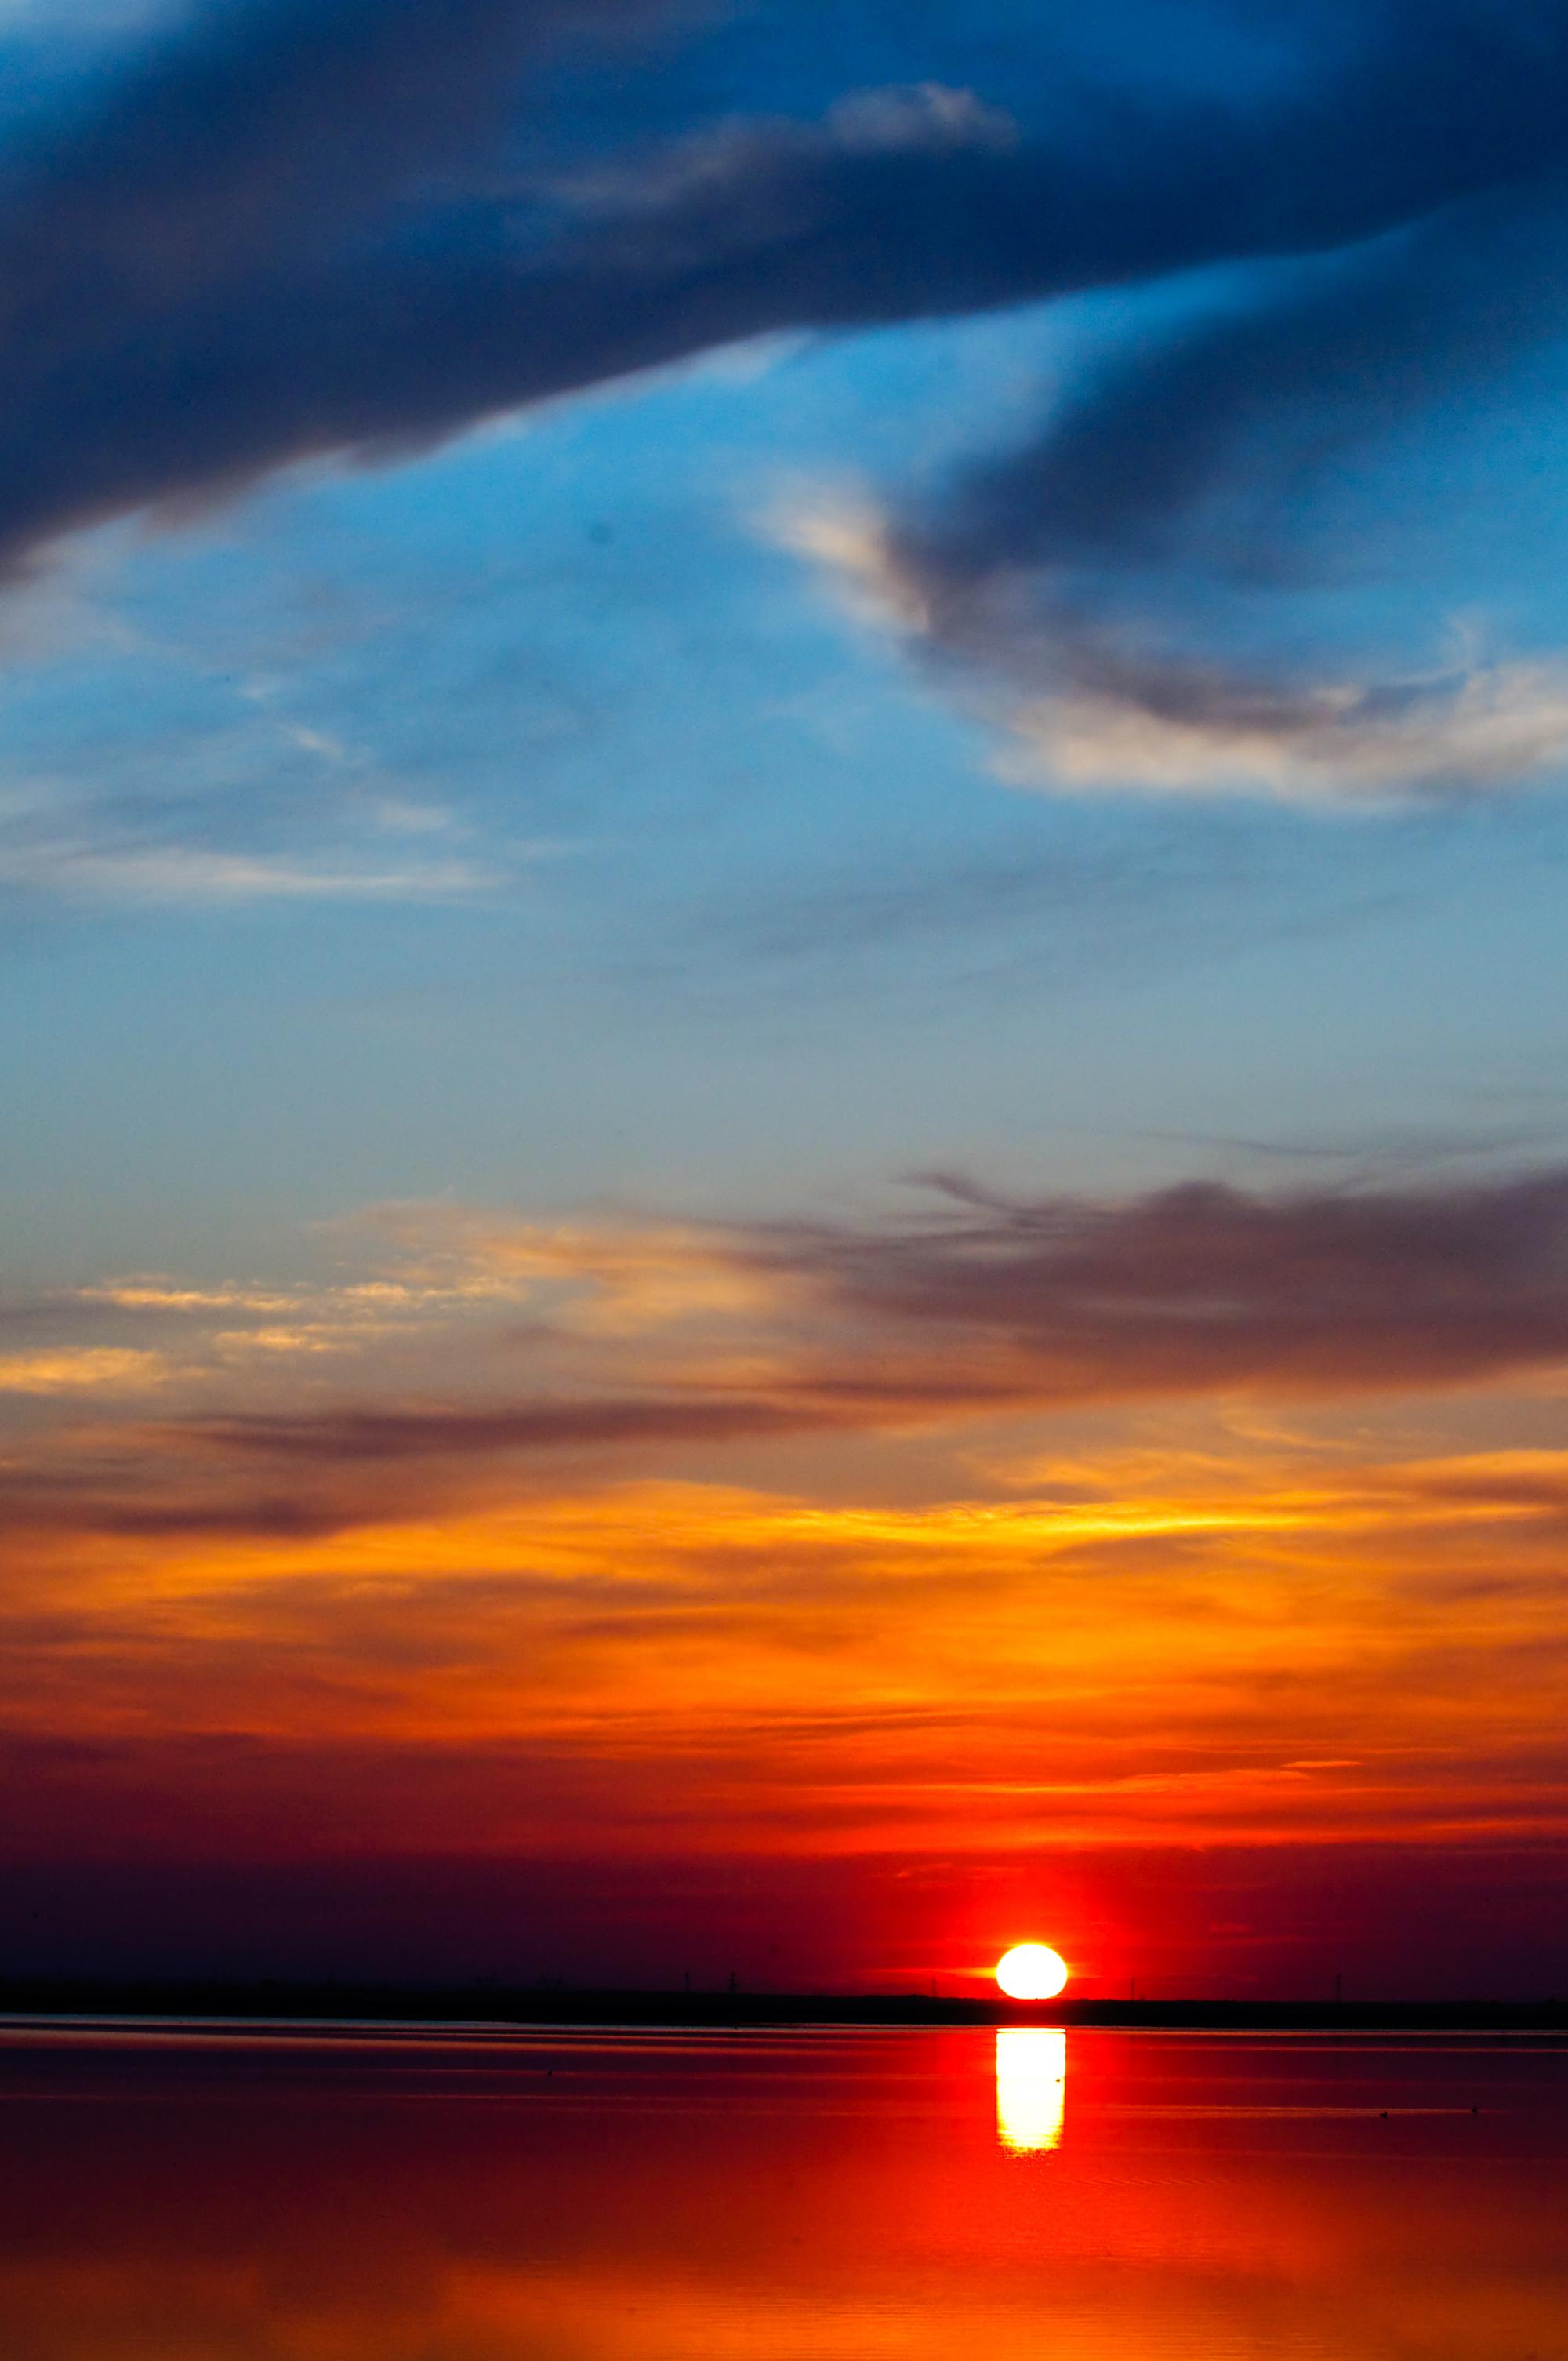 Oceano vermelho com céu azul